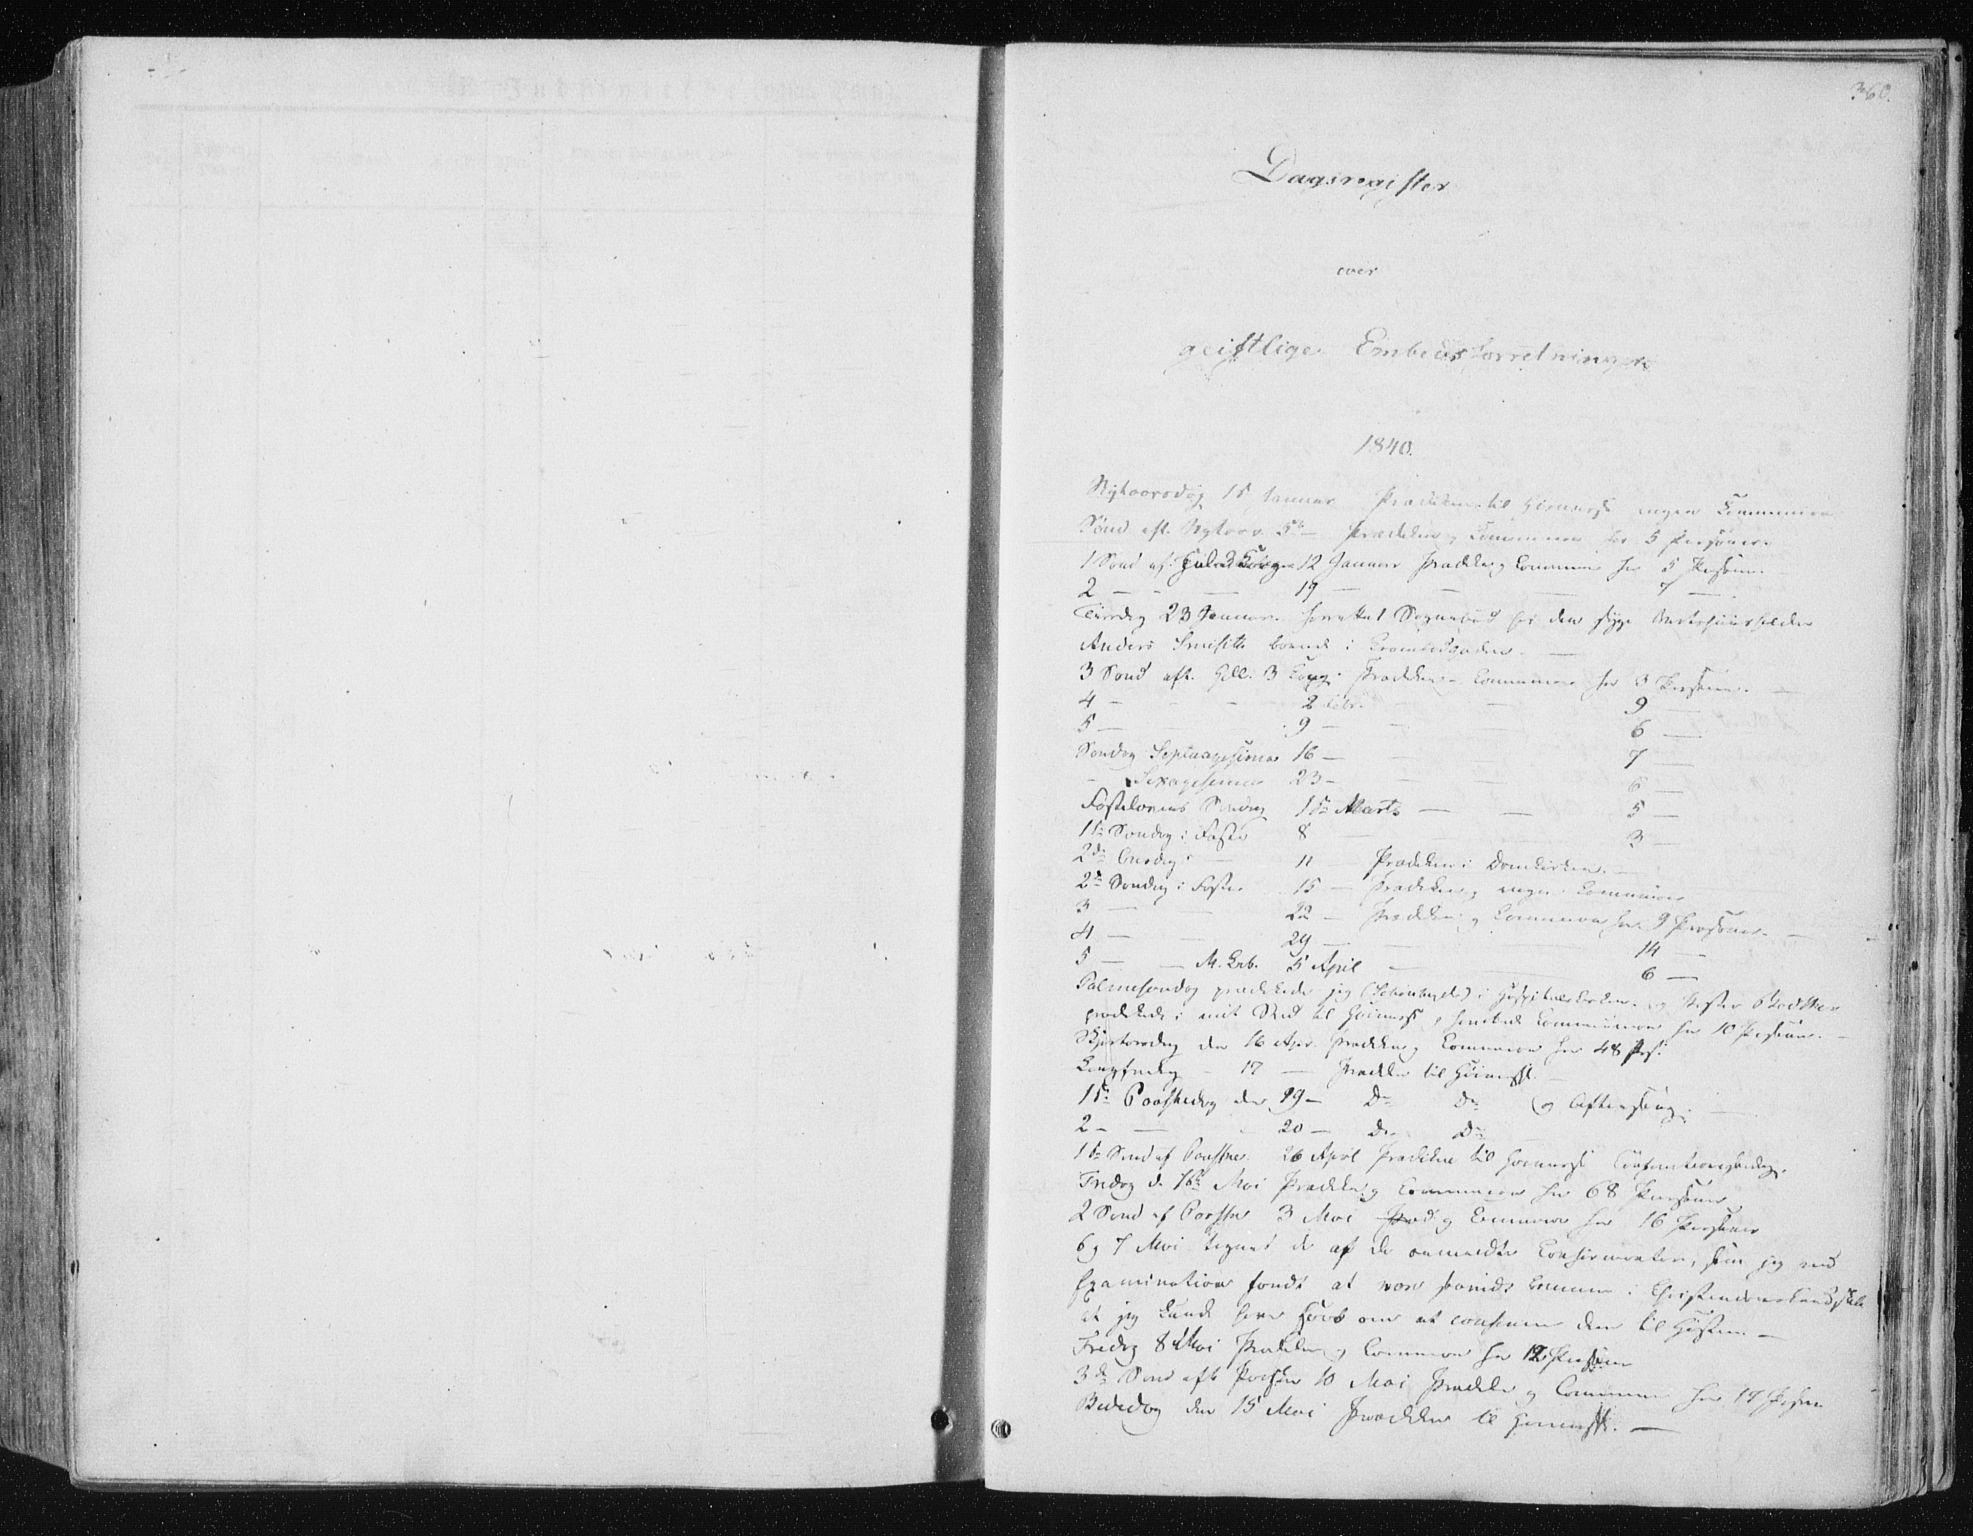 SAT, Ministerialprotokoller, klokkerbøker og fødselsregistre - Sør-Trøndelag, 602/L0110: Ministerialbok nr. 602A08, 1840-1854, s. 360